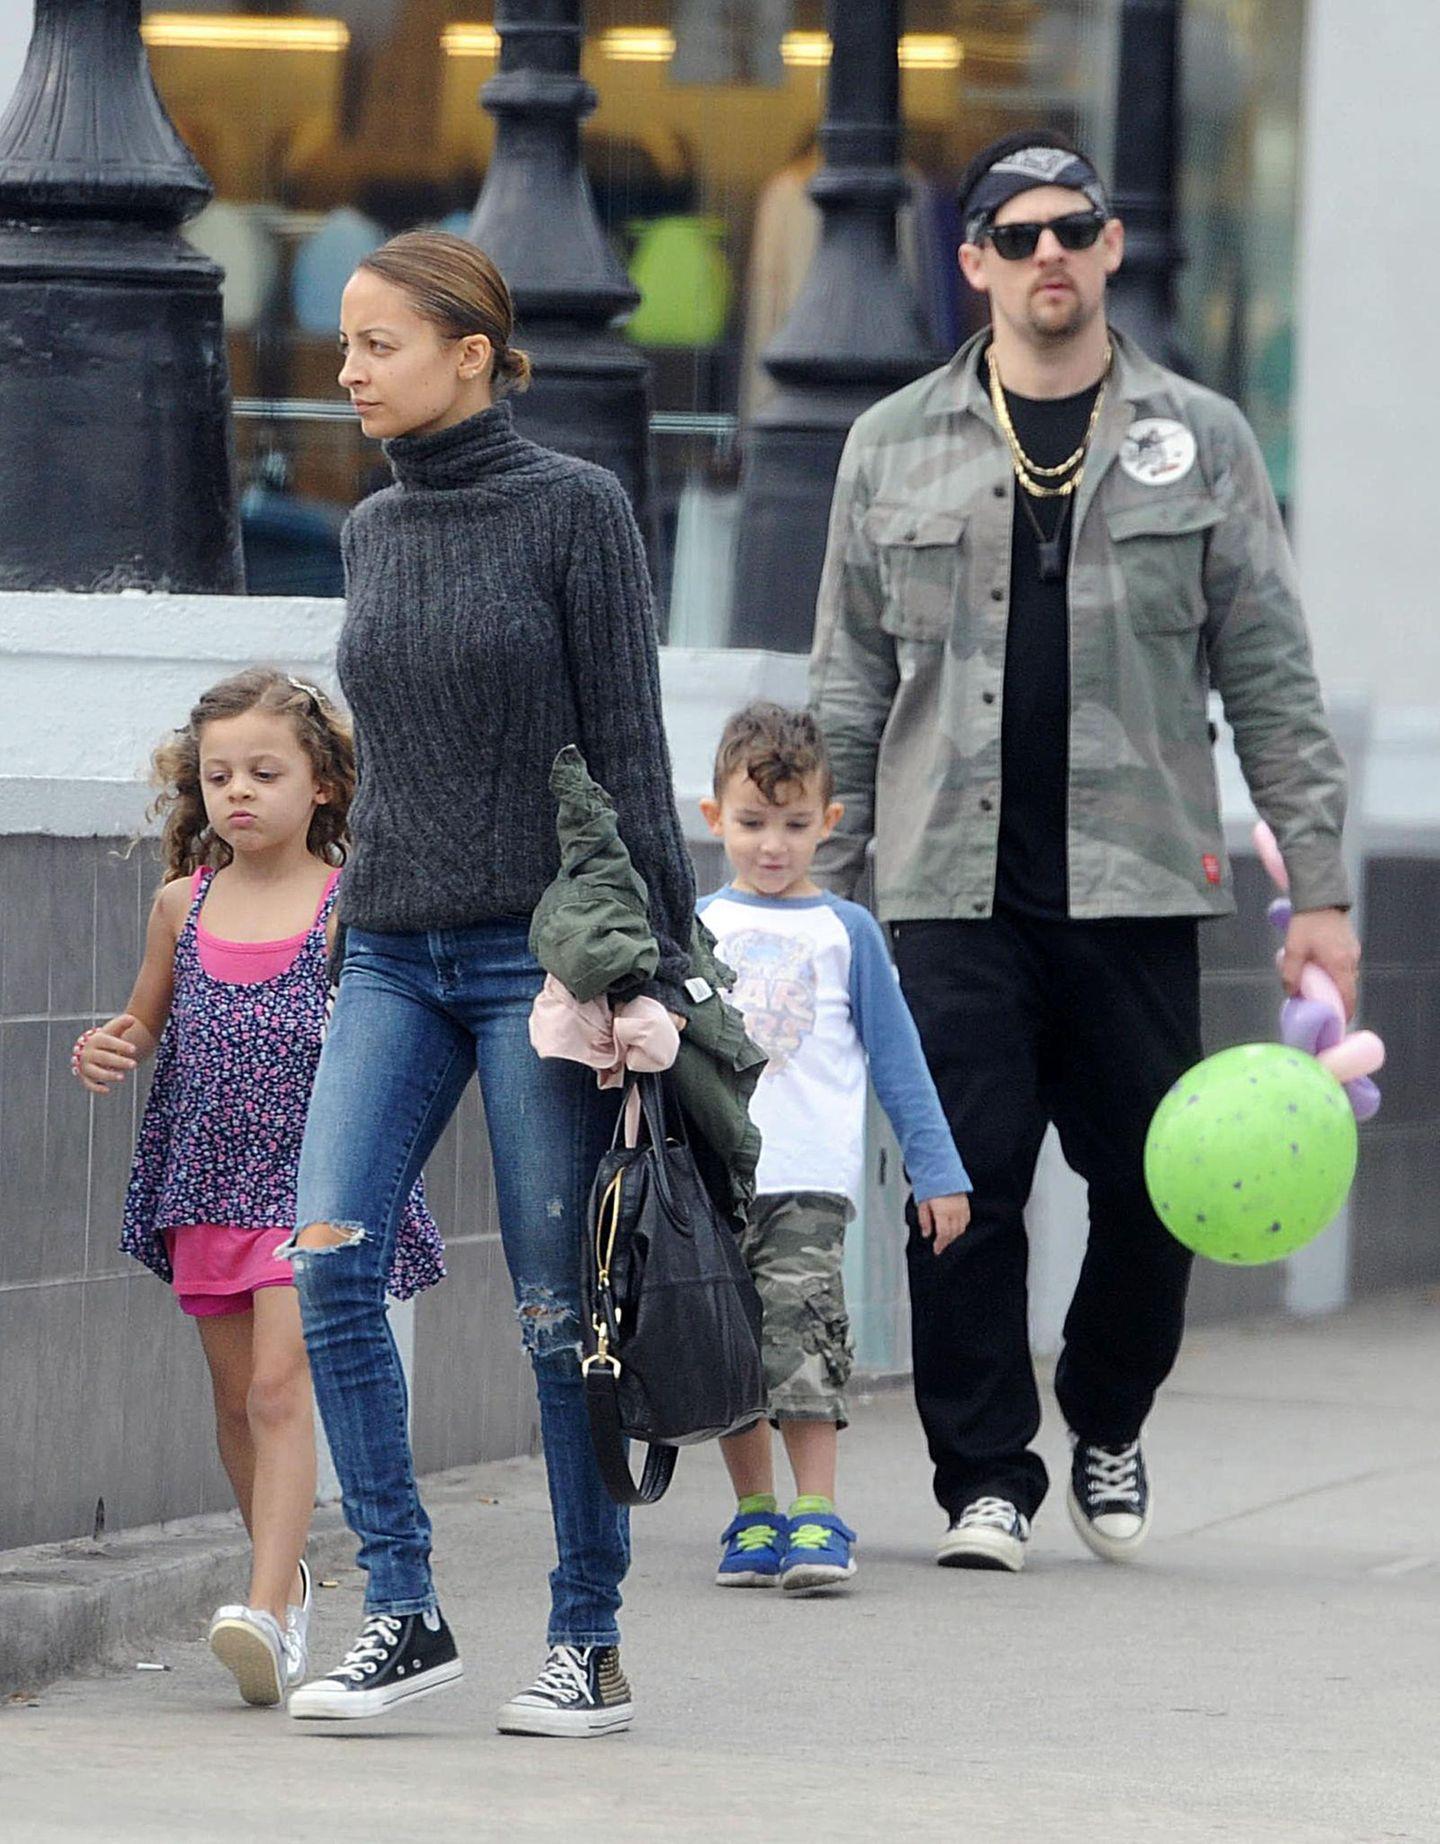 26. Januar 2014: Nicole Richie und Joel Madden sind mit ihren Kindern in Santa Monica. Nach einem Besuch im Park steht das Mittagessen auf dem Programm.